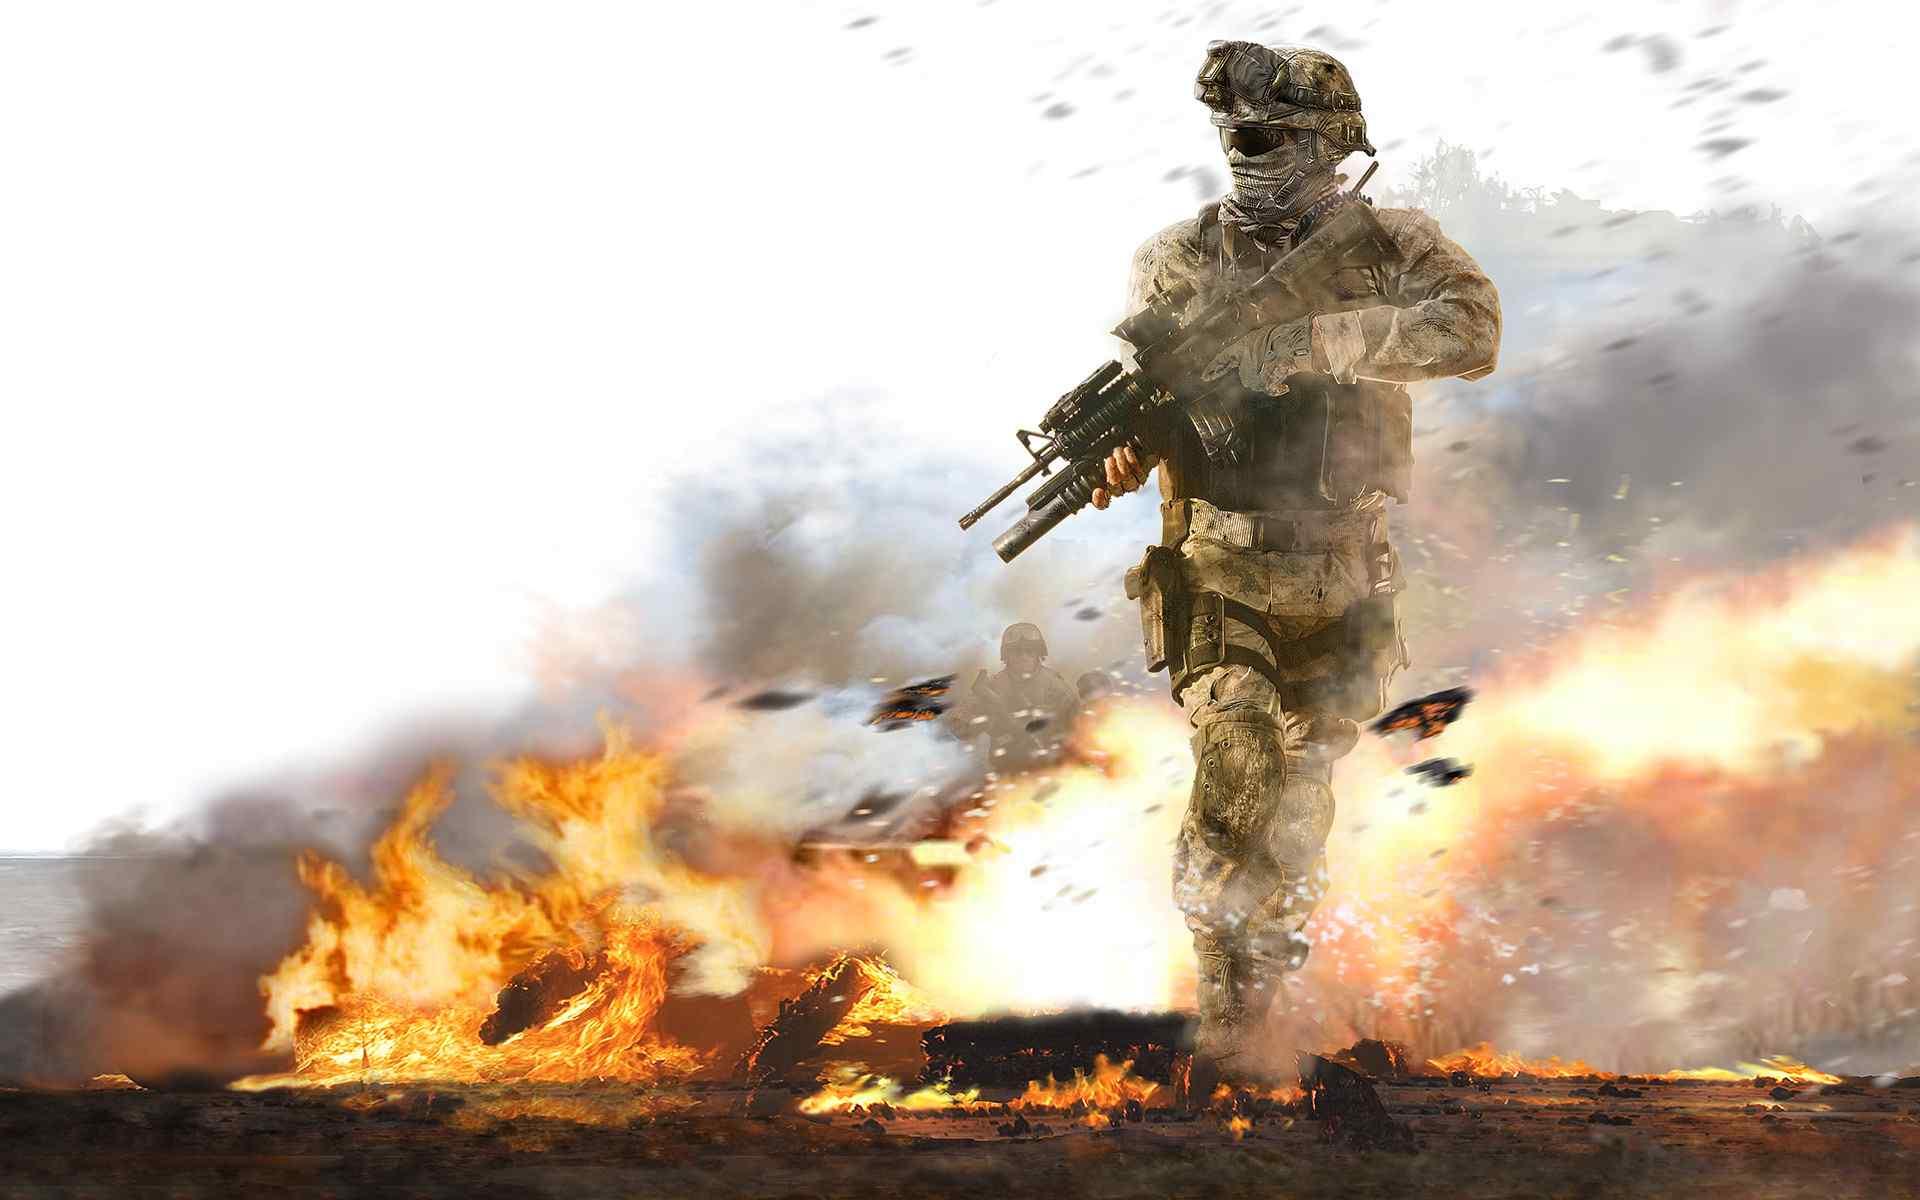 硝烟弥漫战火中的战士高清桌面壁纸下载